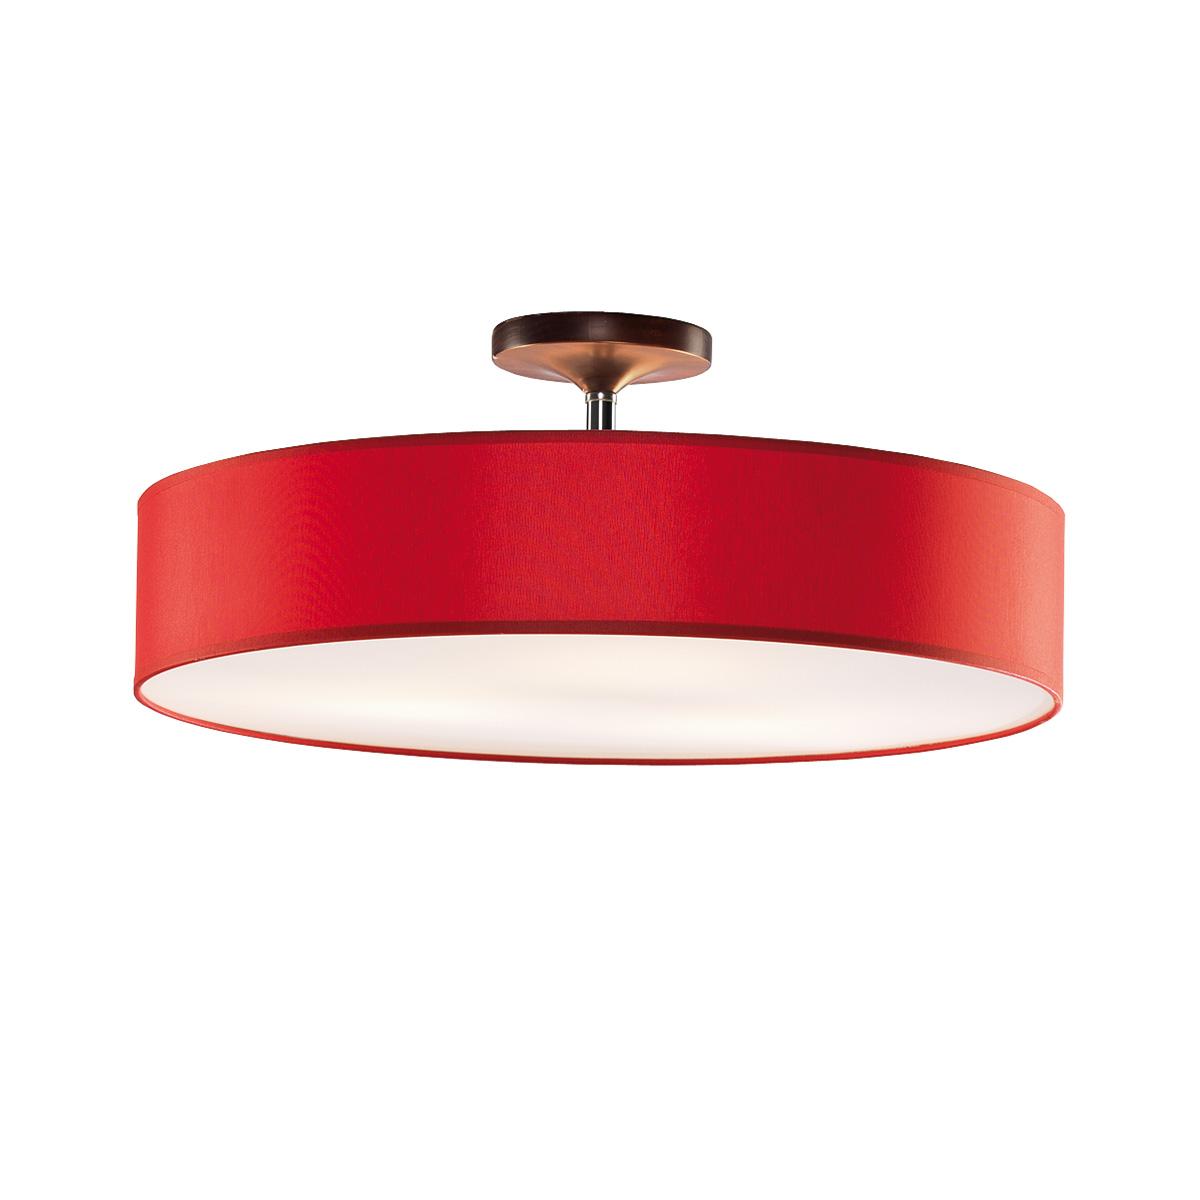 Φωτιστικό ημιοροφής με κόκκινο καπέλο DISCO ZEN ceiling lamp with red shade